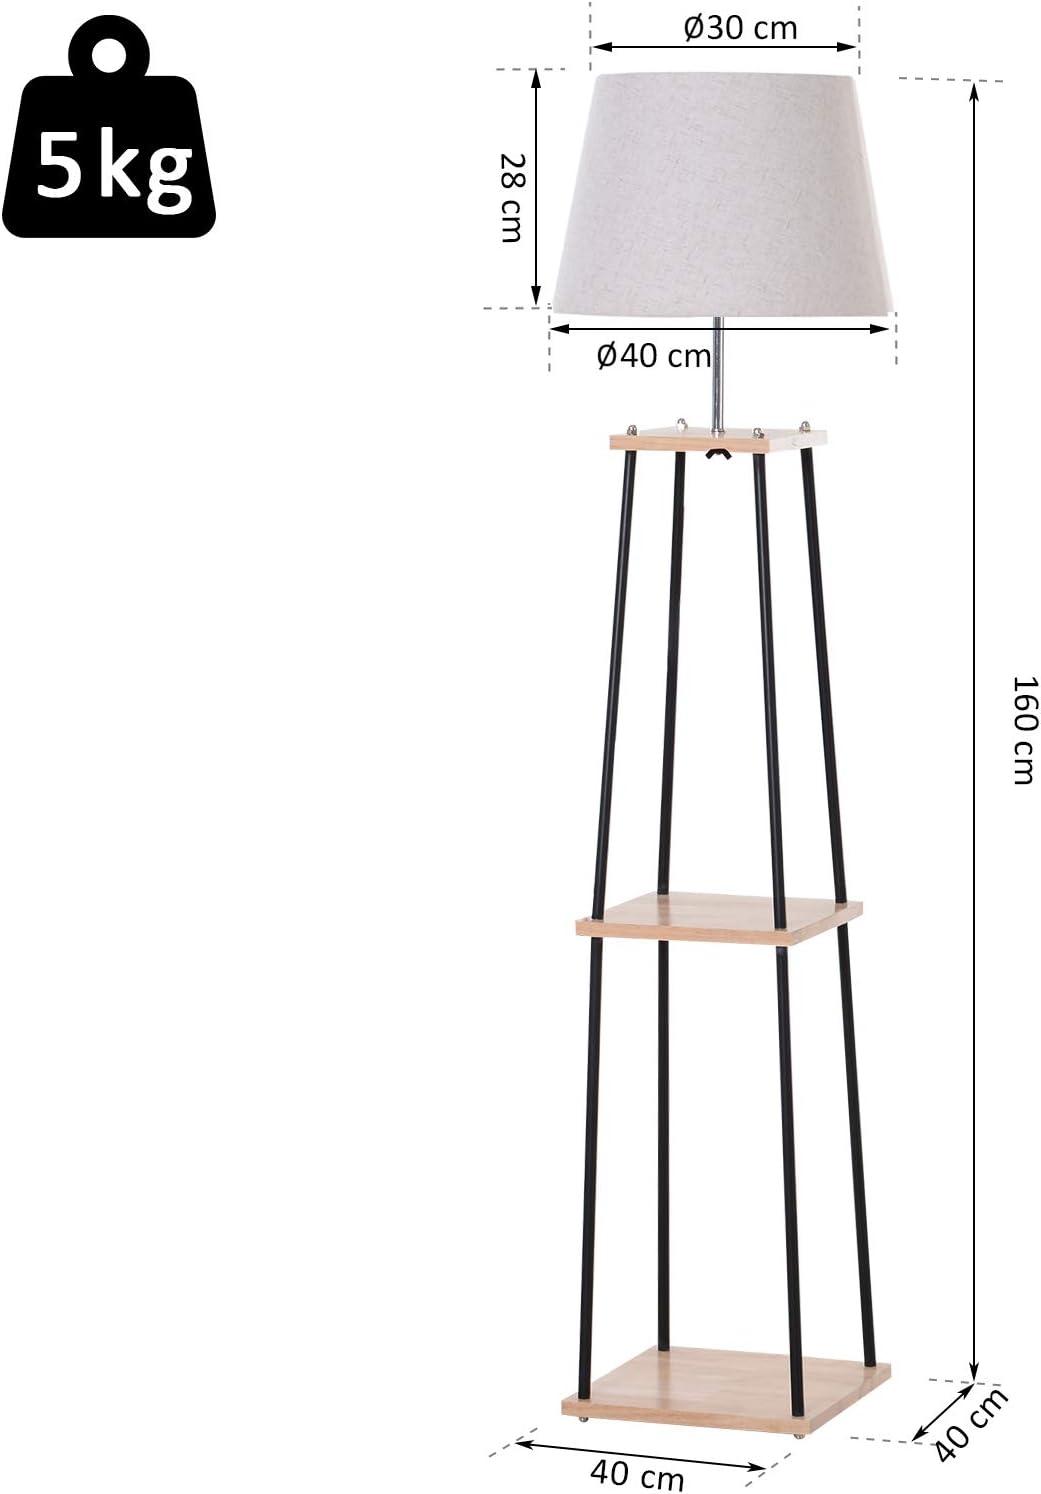 Metall Stehlampe 40 x 40 x 160 cm Schwarz Leinen Kautschukholz Beige Natur HOMCOM Leuchtst/änder mit 3 Regalen